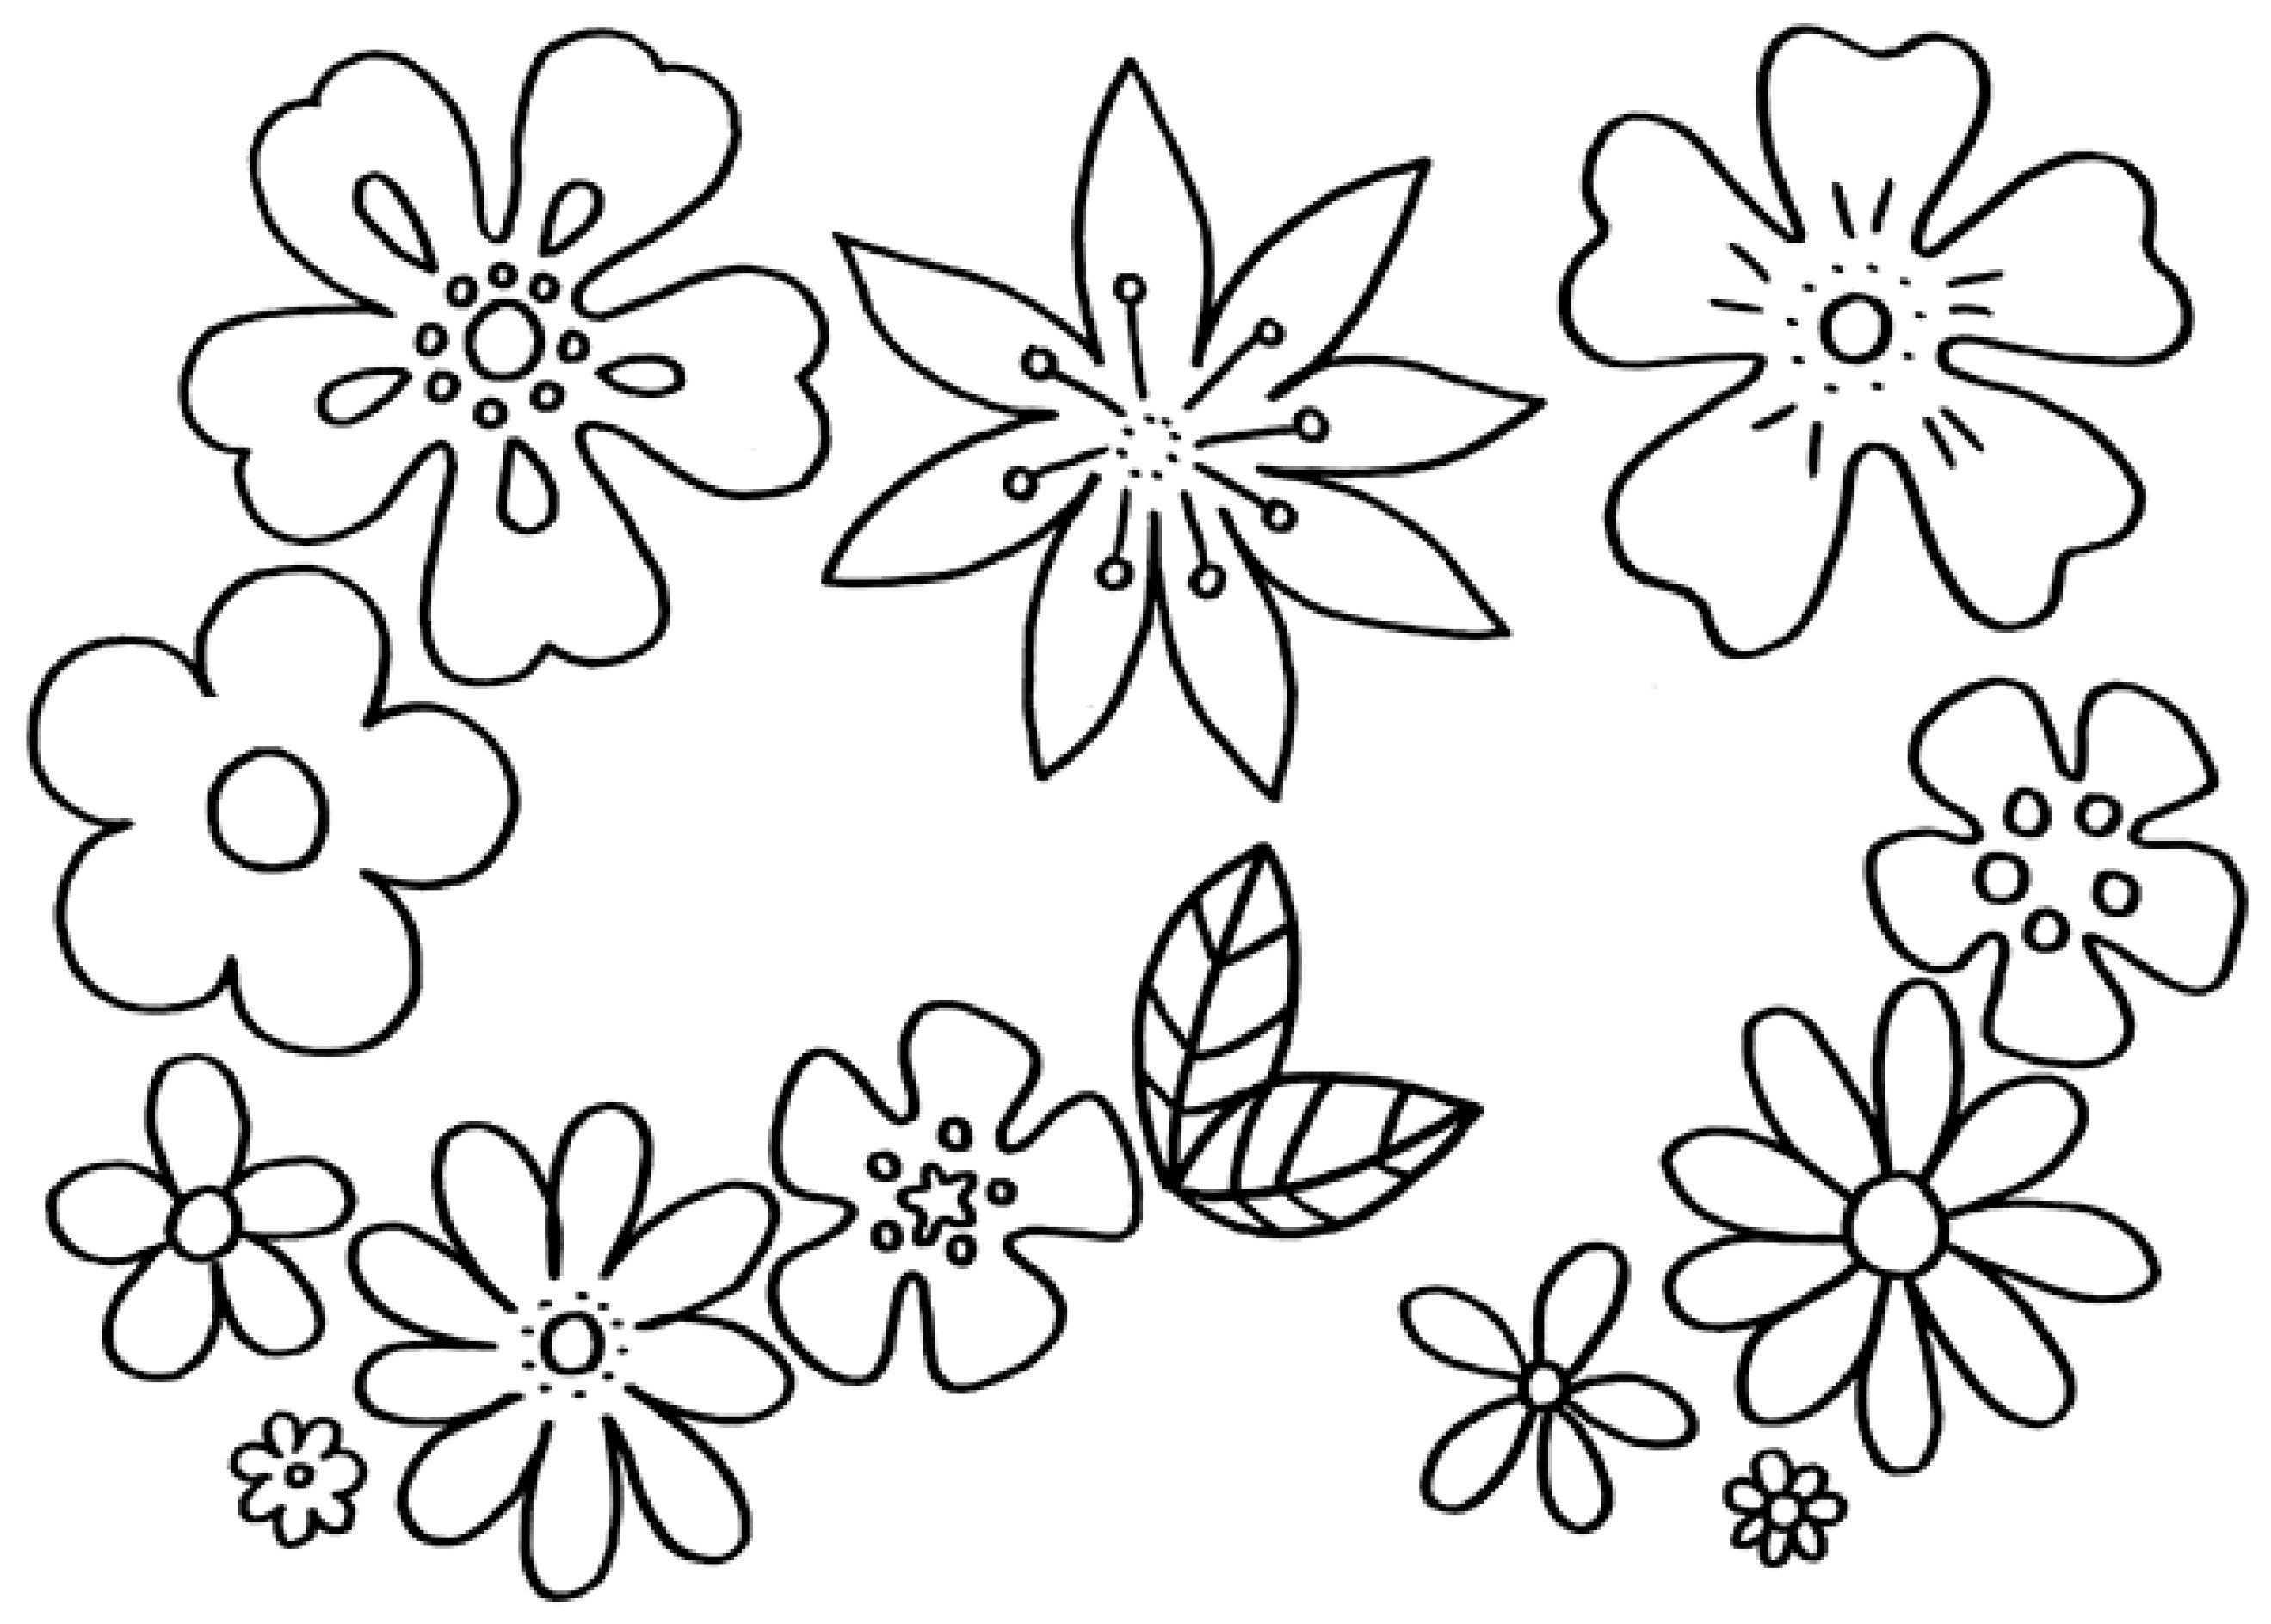 Blumen Malvorlage Zum Ausdrucken Malvorlagen Blumen Blumen Ausmalbilder Blumen Ausmalen